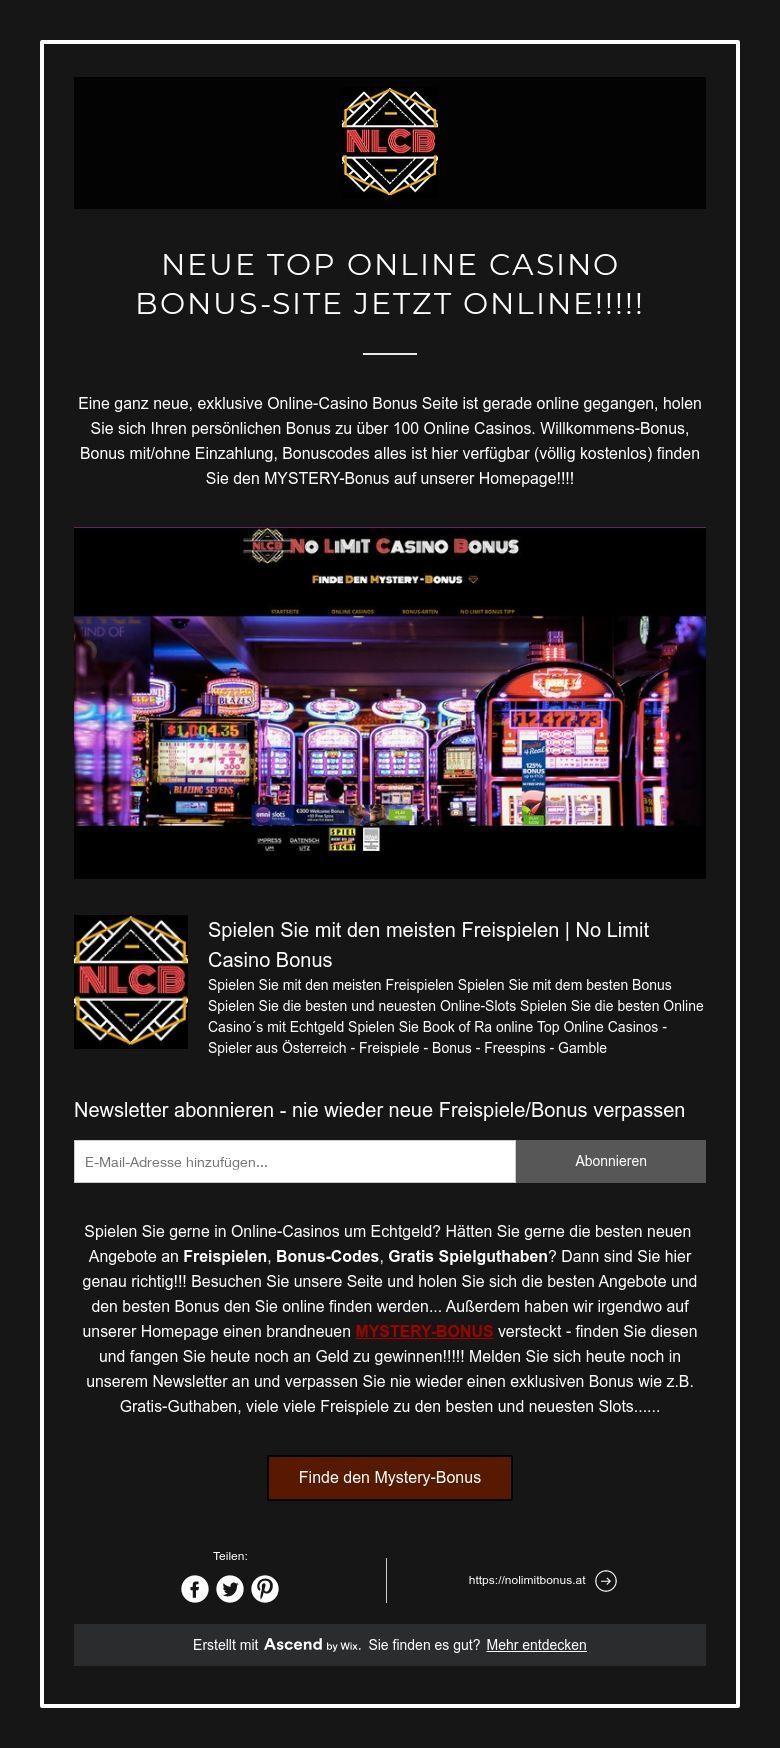 Neueste Online Casino Bonusse